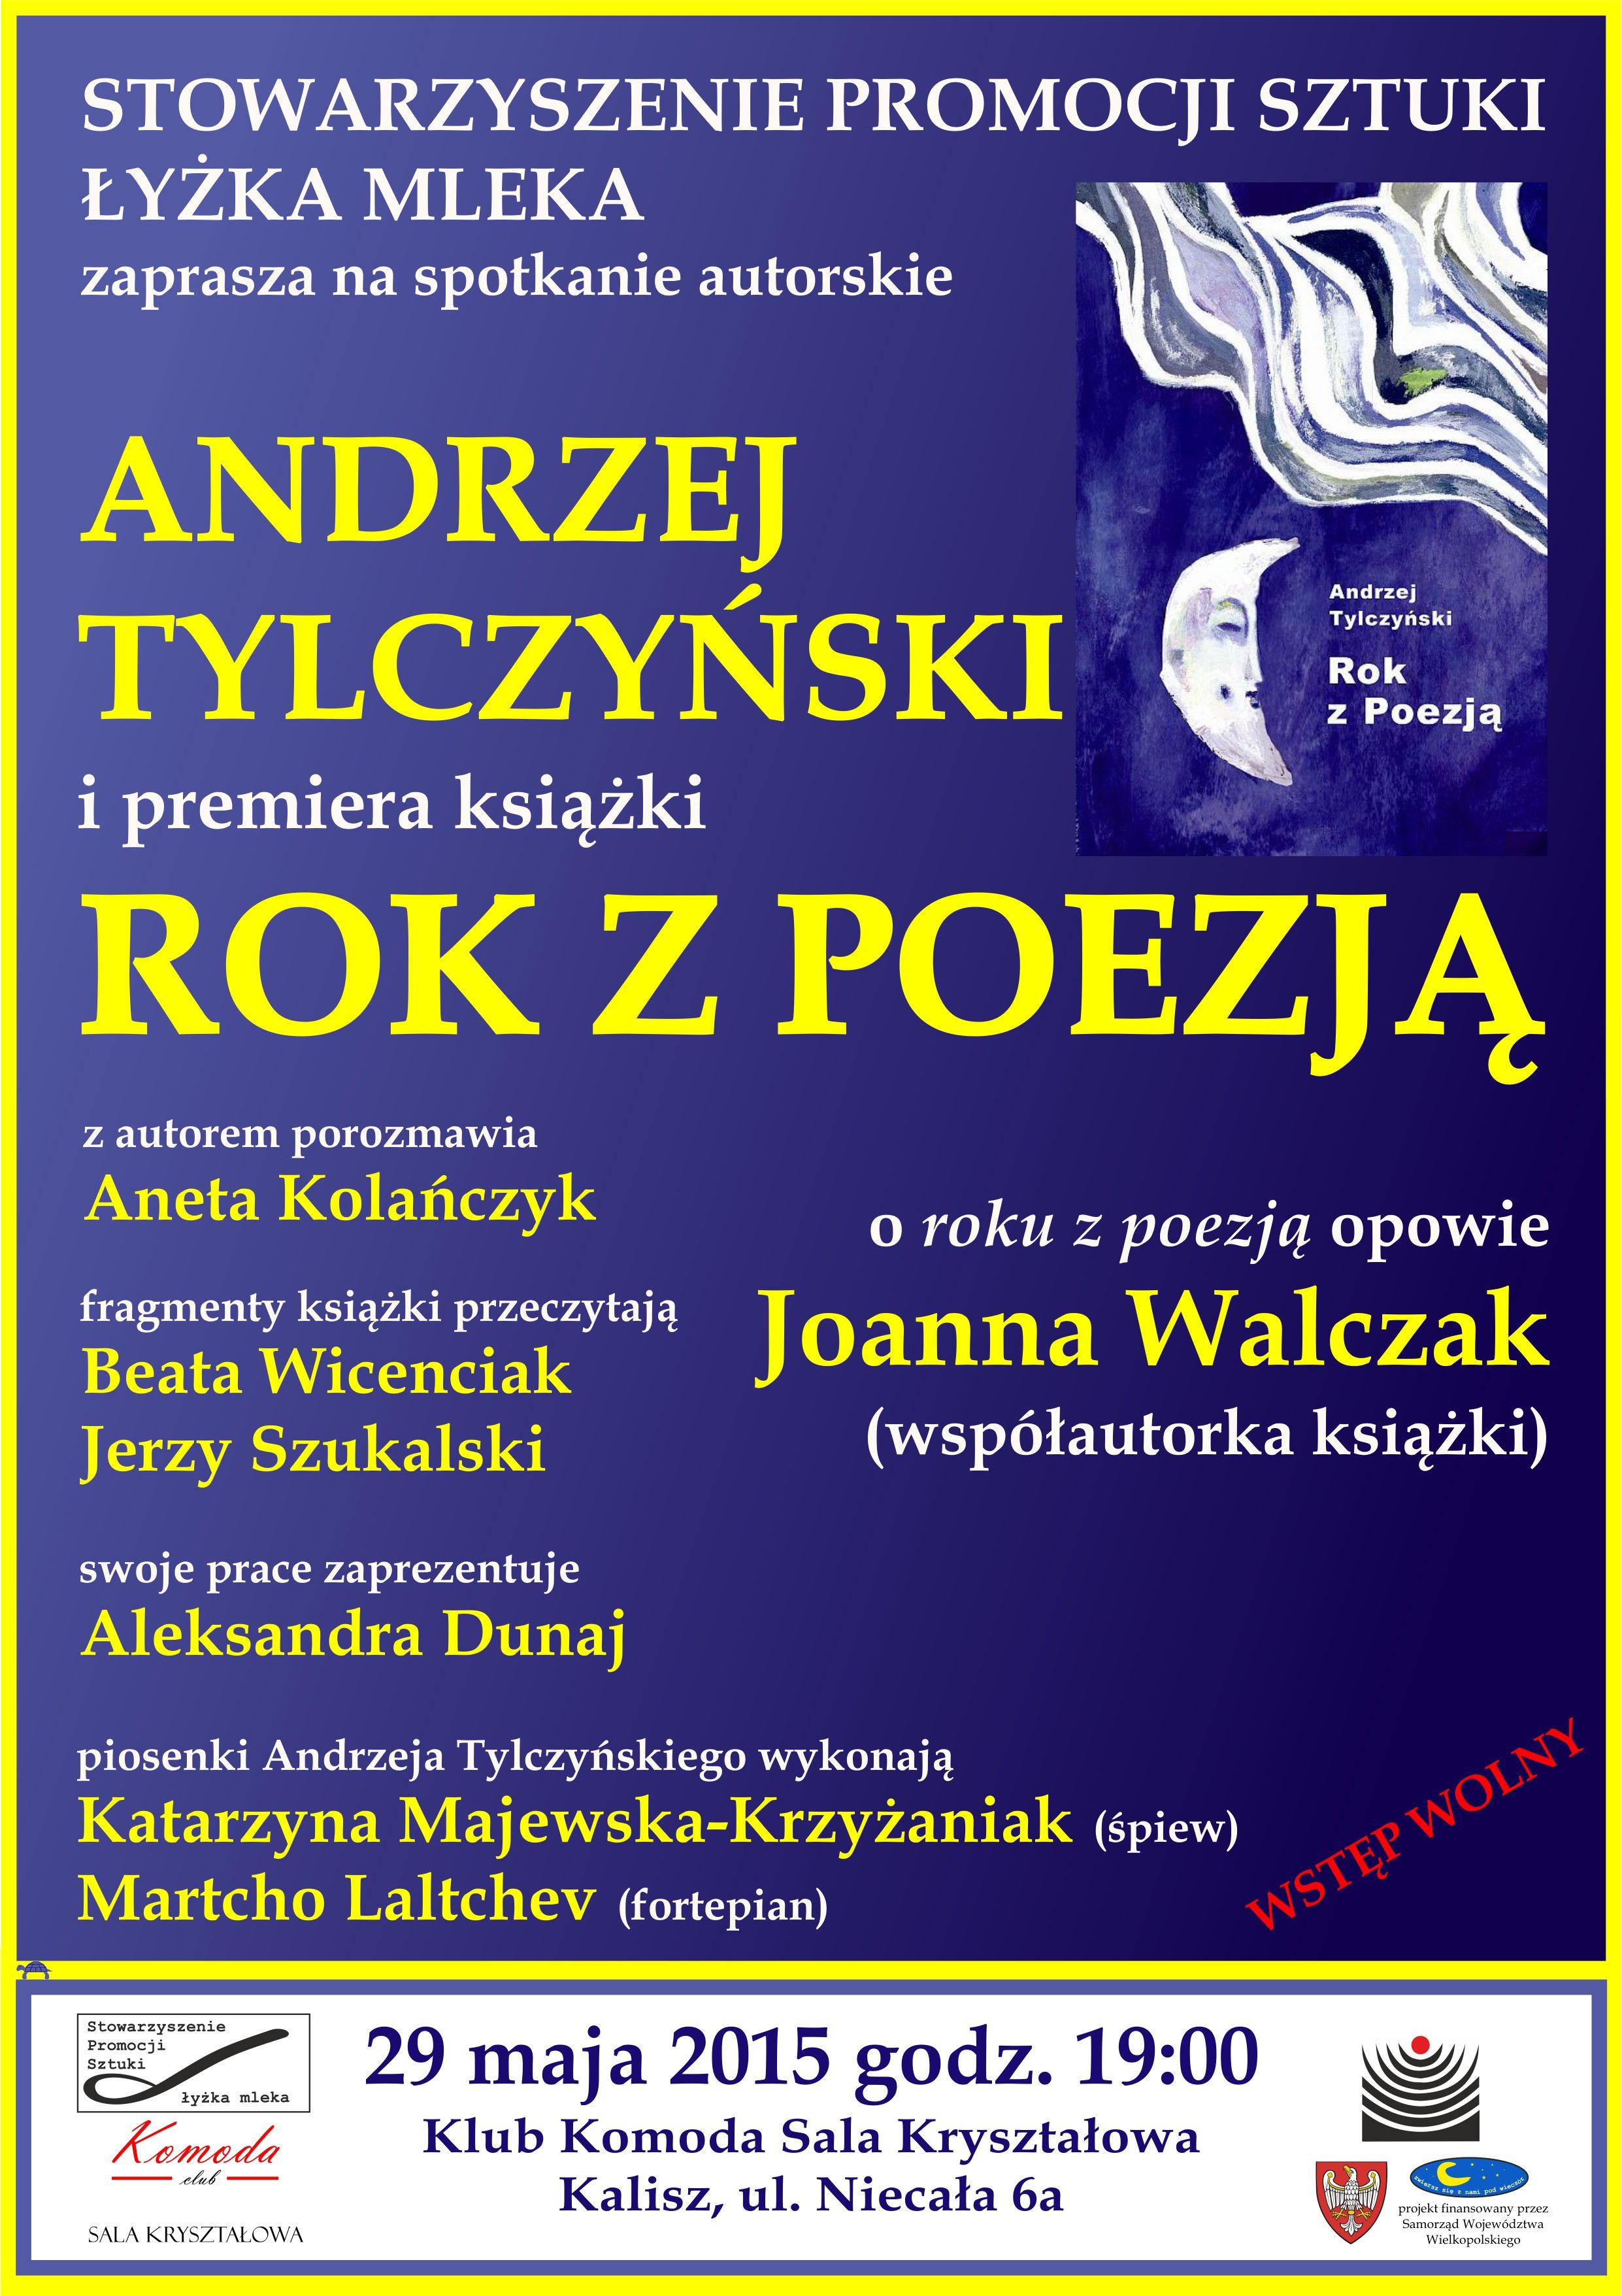 zaproszenie tylczynski